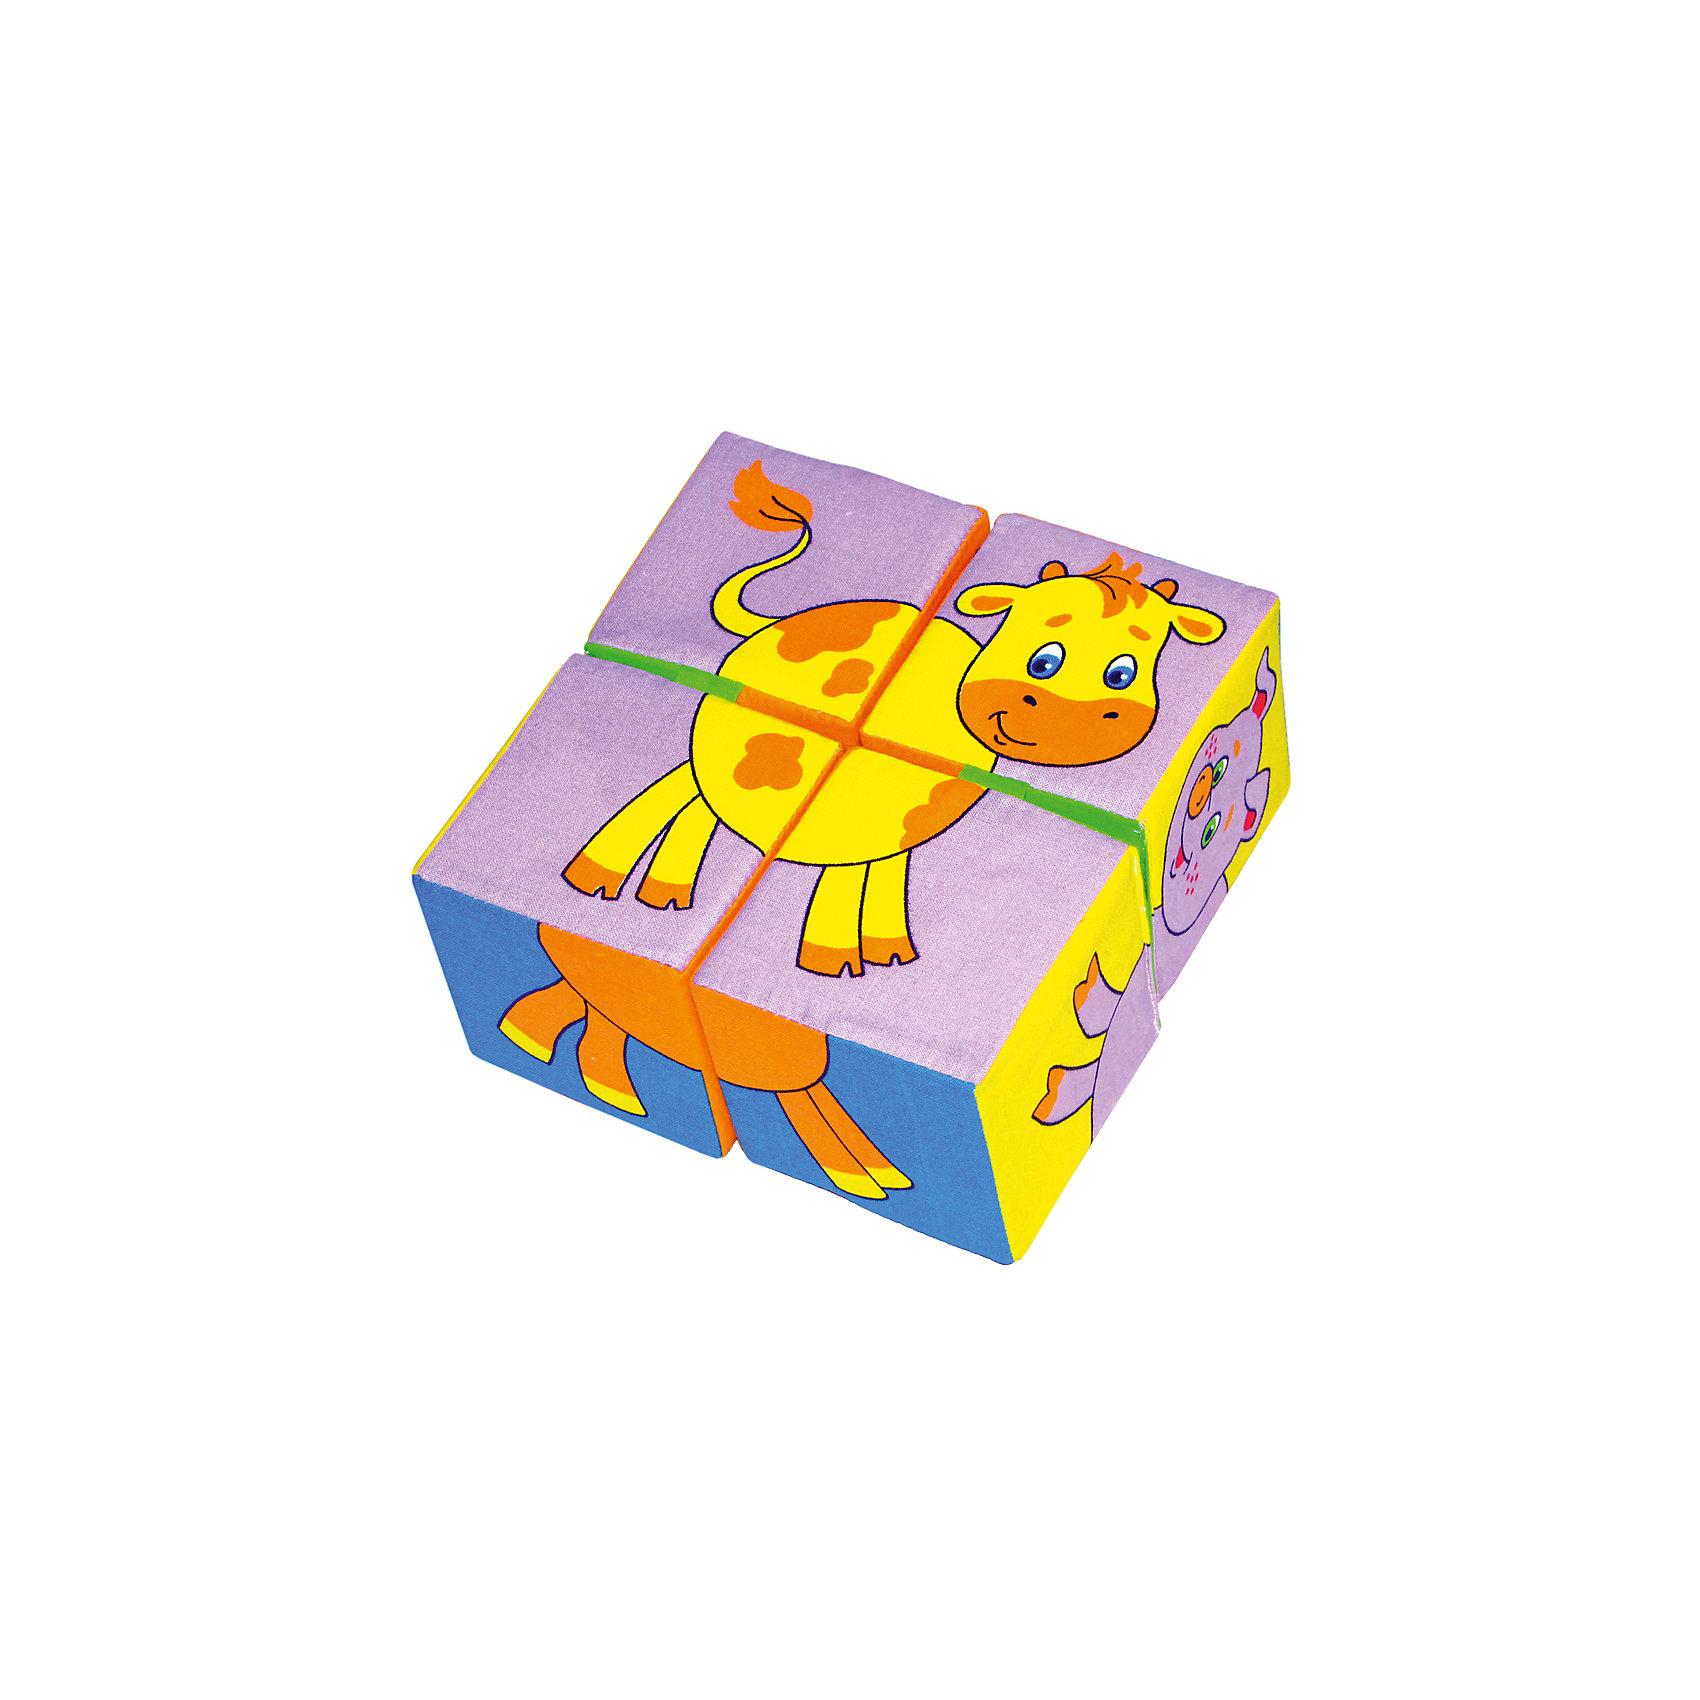 Кубики Собери картинку  - животные, МякишиХарактеристики товара:<br><br>• материал: хлопок, поролон<br>• комплектация: 4 шт<br>• размер игрушки: 8 см<br>• можно собрать шесть животных<br>• развивающая игрушка<br>• упаковка: пакет<br>• страна бренда: РФ<br>• страна изготовитель: РФ<br><br>Малыши активно познают мир и тянутся к новой информации. Чтобы сделать процесс изучения окружающего пространства интереснее, ребенку можно подарить развивающие игрушки. В процессе игры информация усваивается намного лучше!<br>Такие кубики помогут занять малыша, играть ими приятно и весело. Одновременно они позволят познакомиться со многими цветами, фактурами, а также из них можно собрать шесть животных. Такие игрушки развивают тактильные ощущения, моторику, цветовосприятие, логику, воображение, учат фокусировать внимание. Каждое изделие абсолютно безопасно – оно создано из качественной ткани с мягким наполнителем. Игрушки производятся из качественных и проверенных материалов, которые безопасны для детей.<br><br>Кубики Собери картинку - животные от бренда Мякиши можно купить в нашем интернет-магазине.<br><br>Ширина мм: 160<br>Глубина мм: 80<br>Высота мм: 160<br>Вес г: 80<br>Возраст от месяцев: 12<br>Возраст до месяцев: 36<br>Пол: Унисекс<br>Возраст: Детский<br>SKU: 5183187